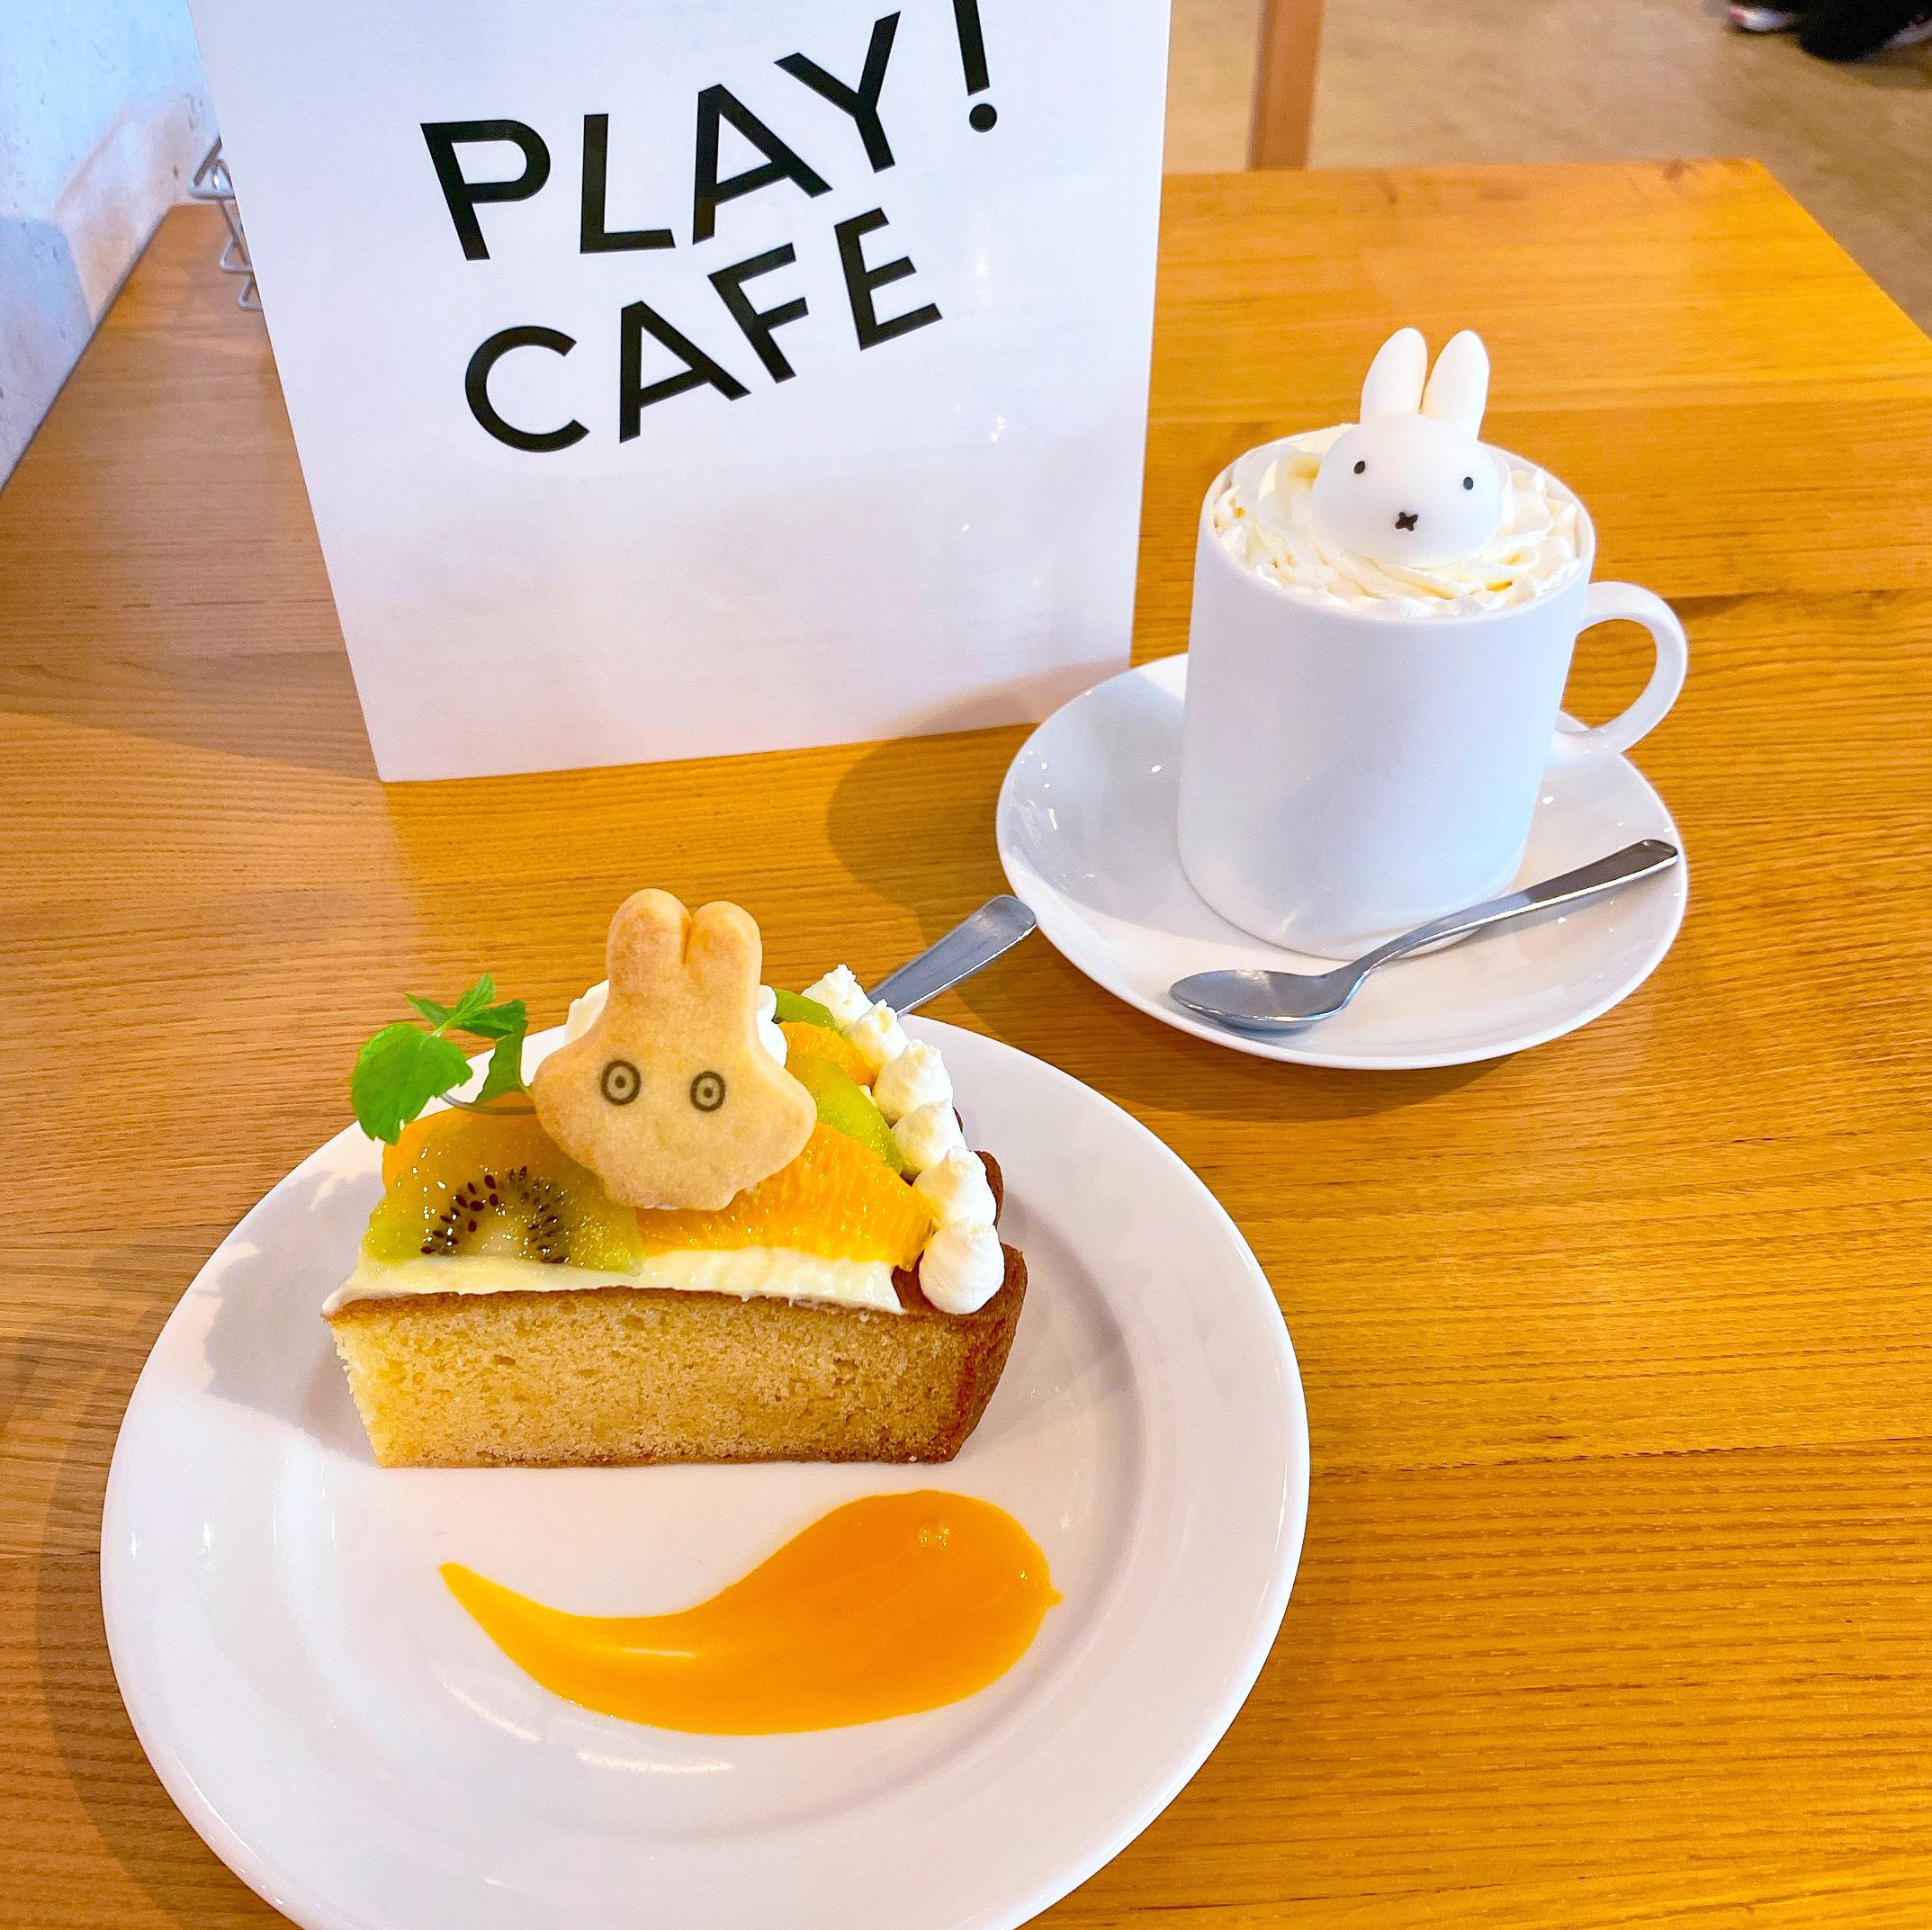 立川で開催中の「ミッフィー展」でいただけるカフェメニュー